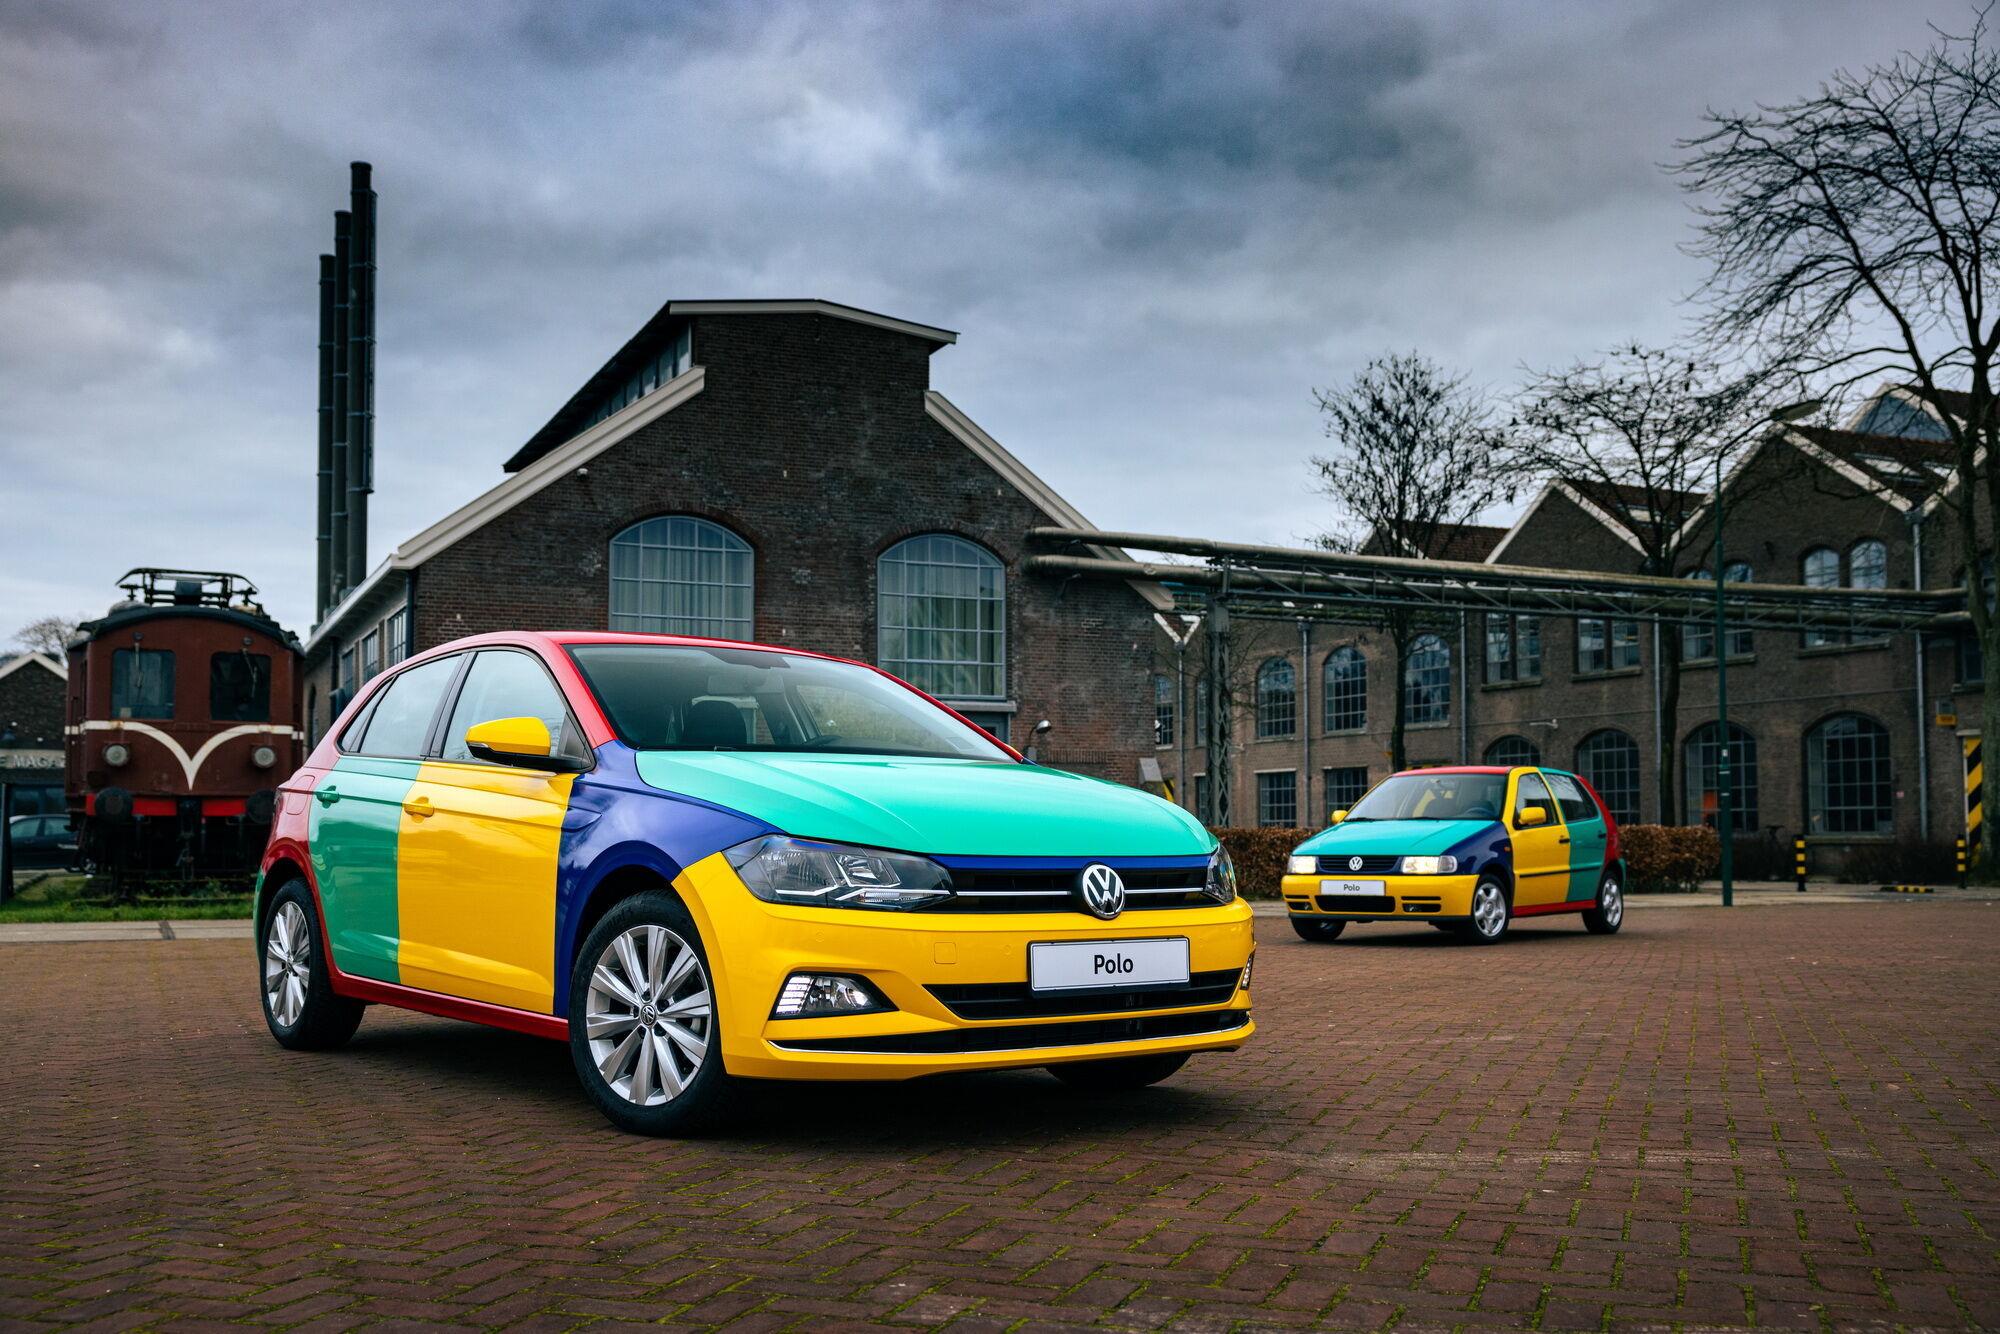 Polo Harlekin має оригінальне забарвлення кузовних панелей з використанням червоного, синього, зеленого та жовтого кольорів